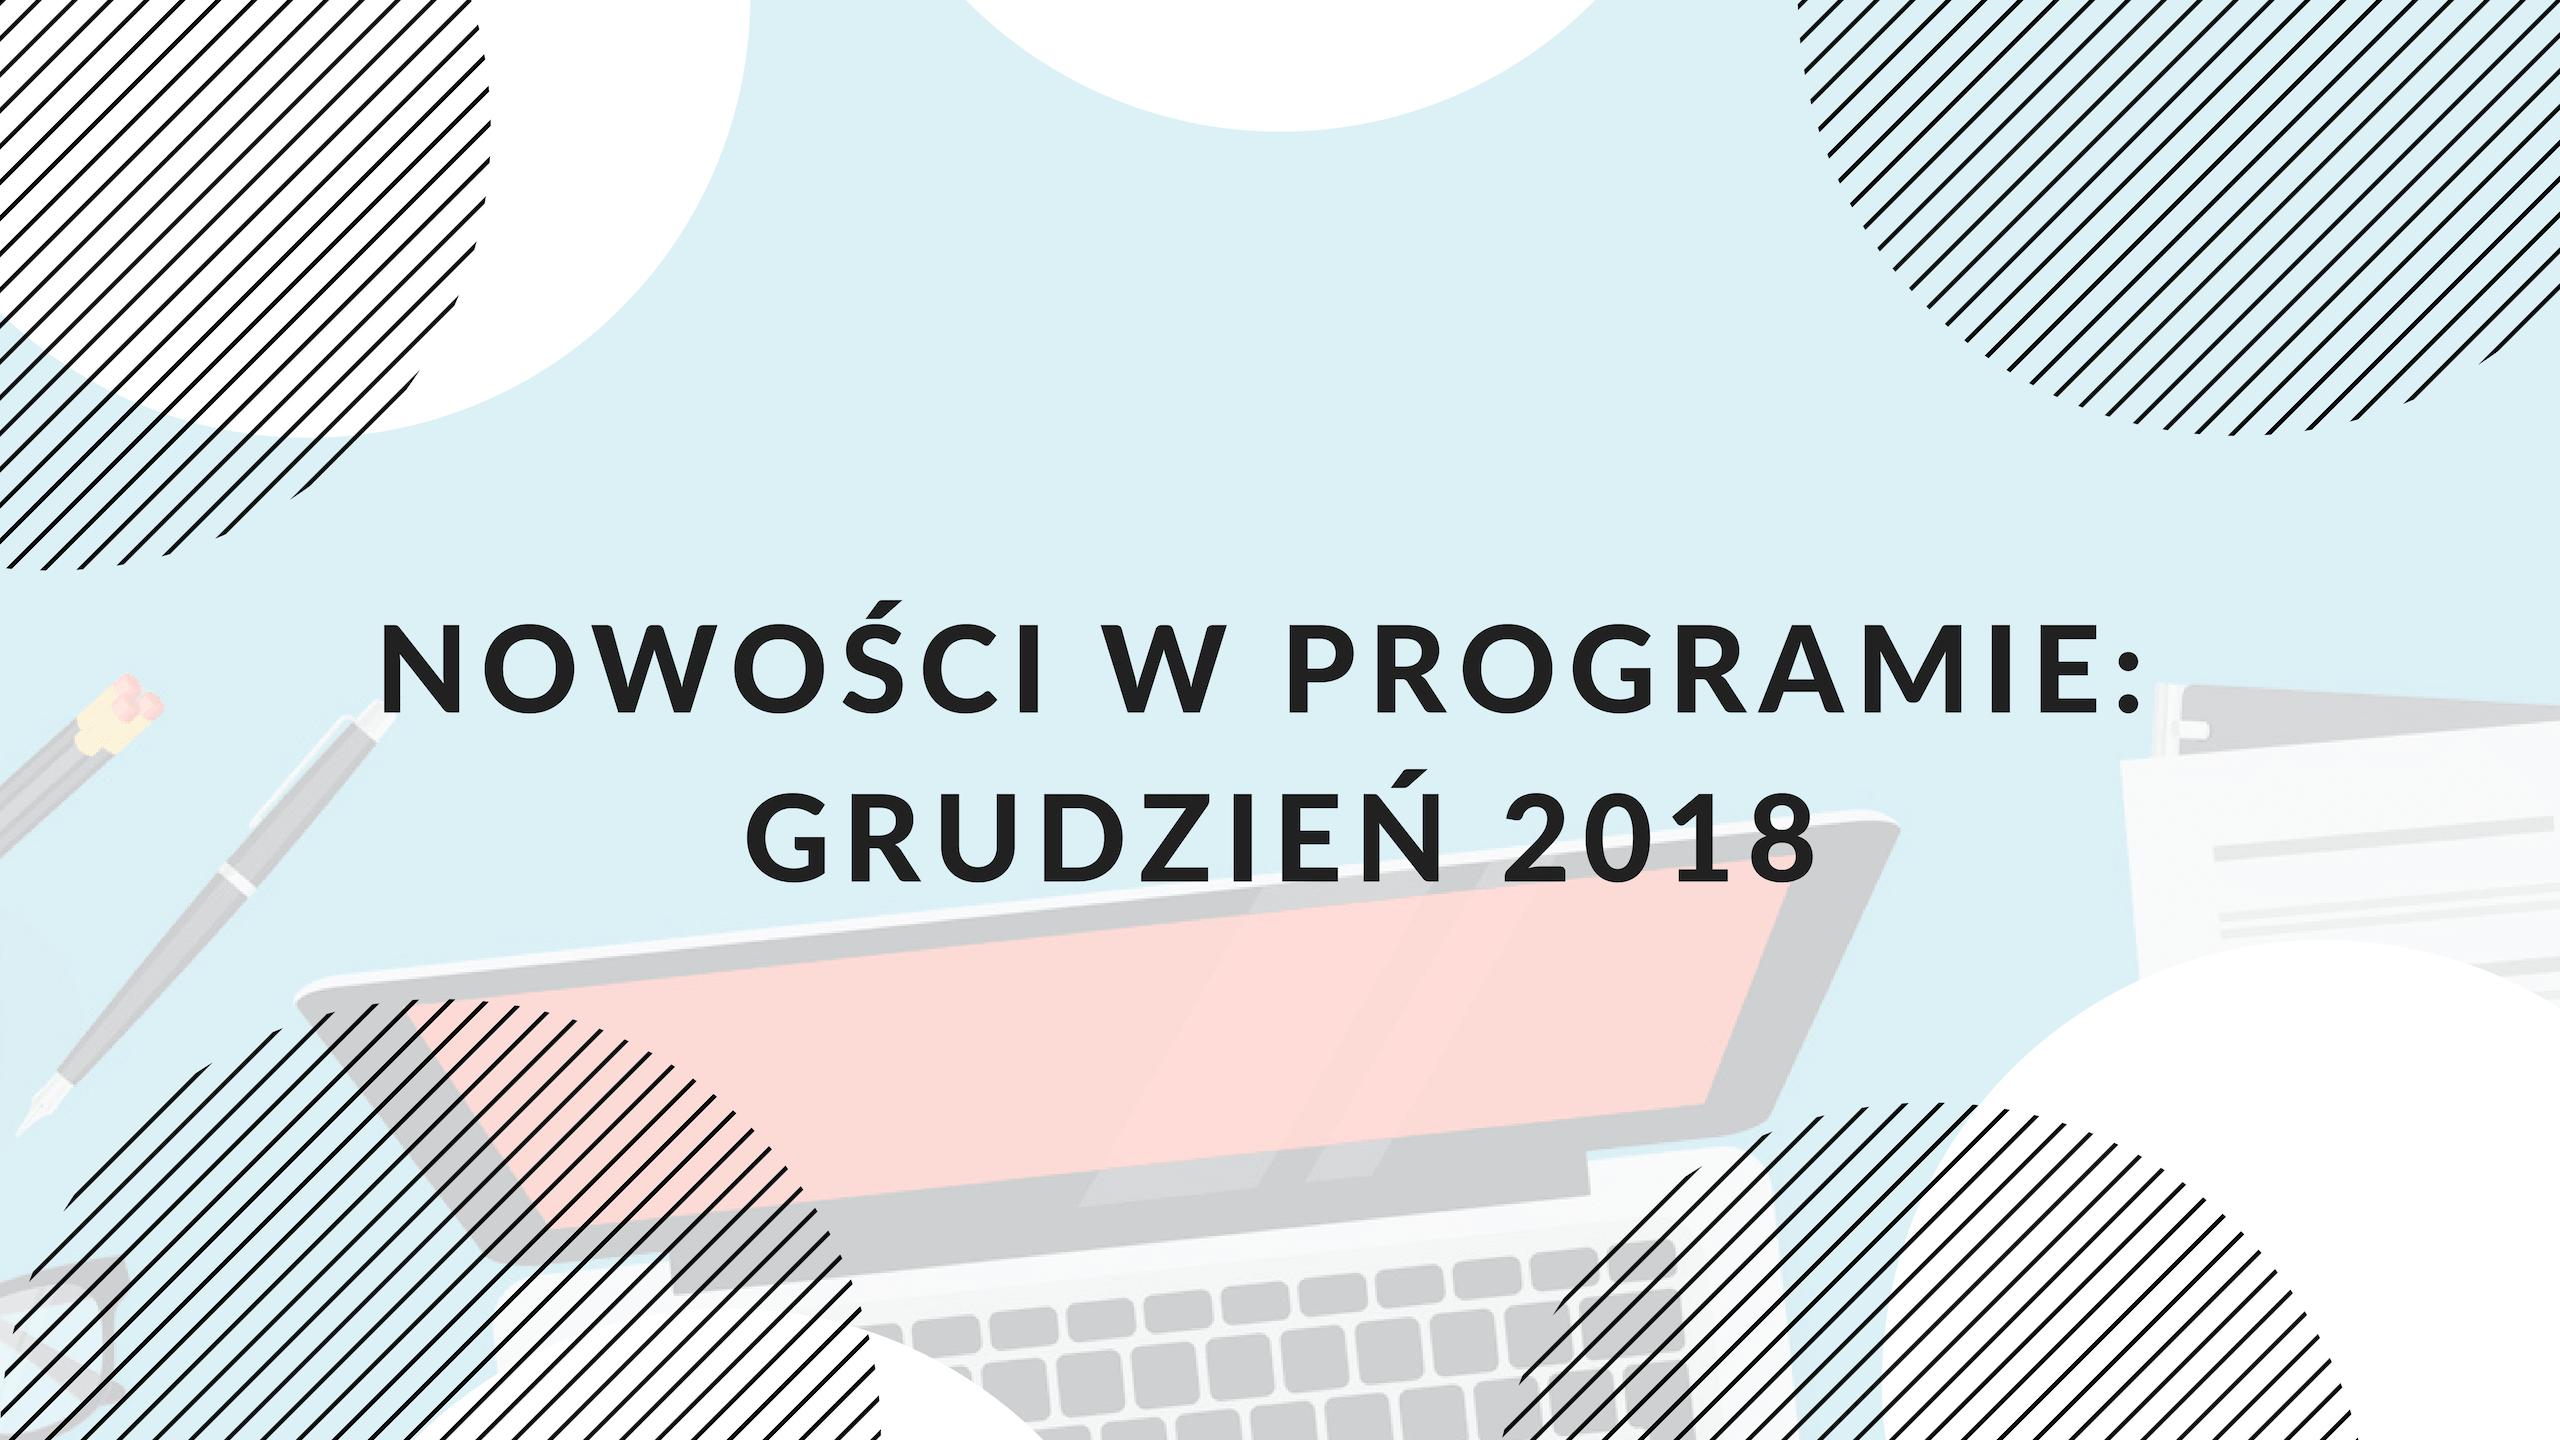 Nowe funkcjonalności w programie: grudzień 2018